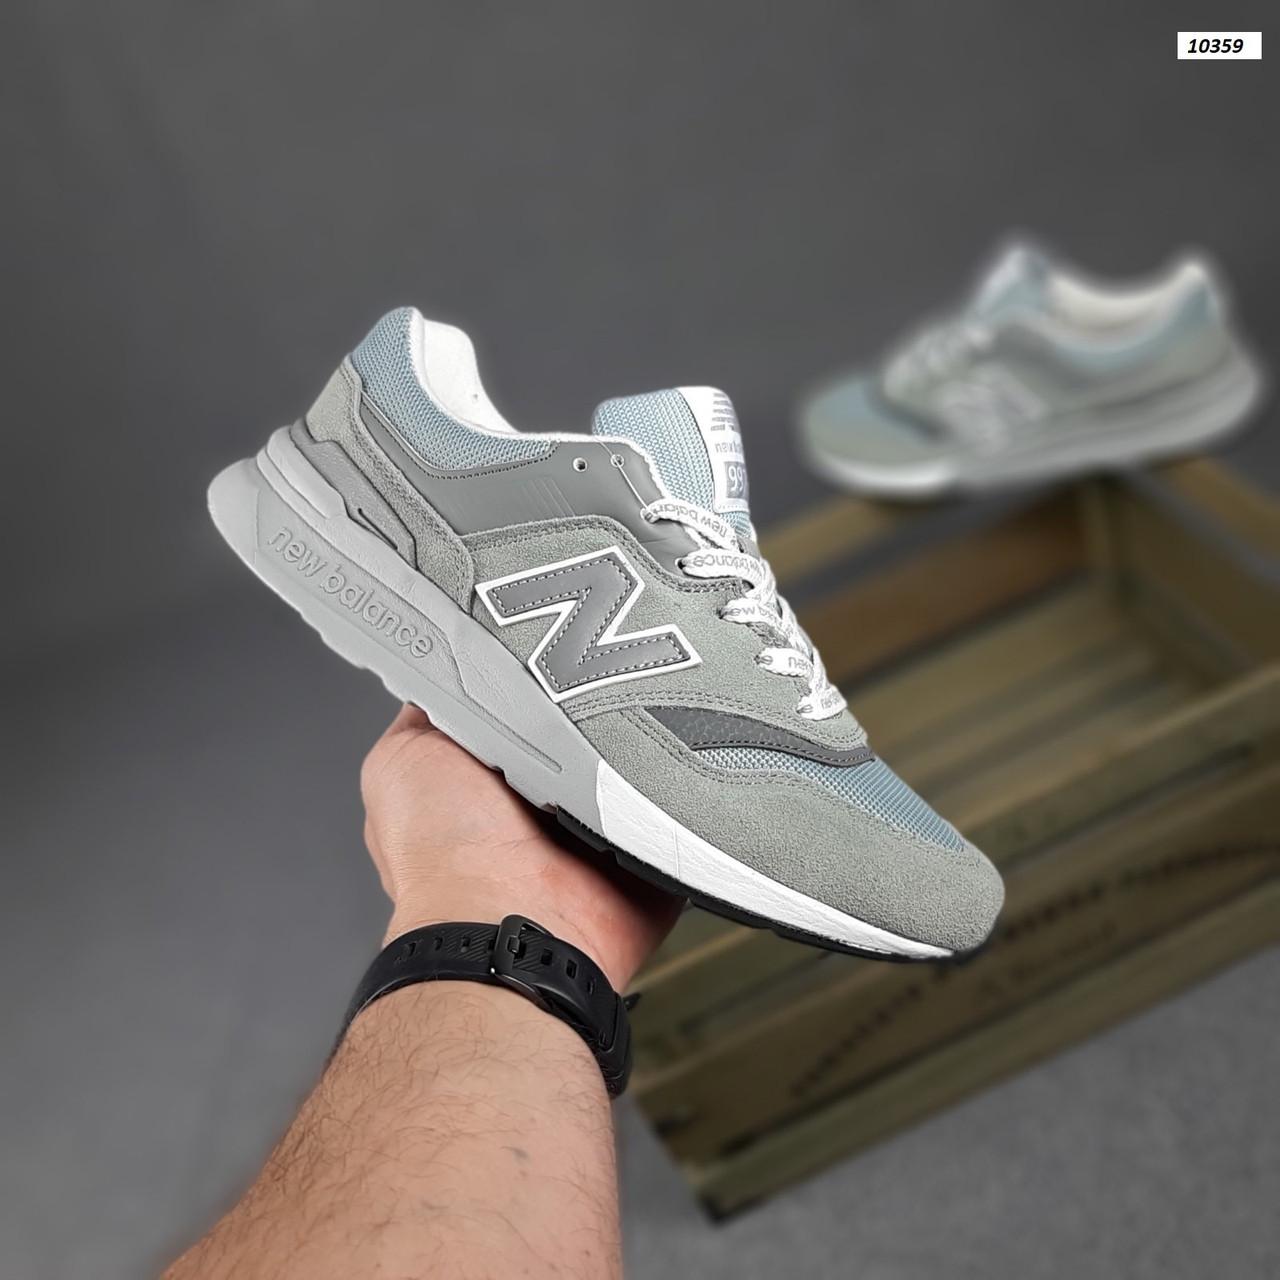 Чоловічі рефлективні кросівки New Balance 997H (сірі) 10359 демісезонна спортивна якісна взуття